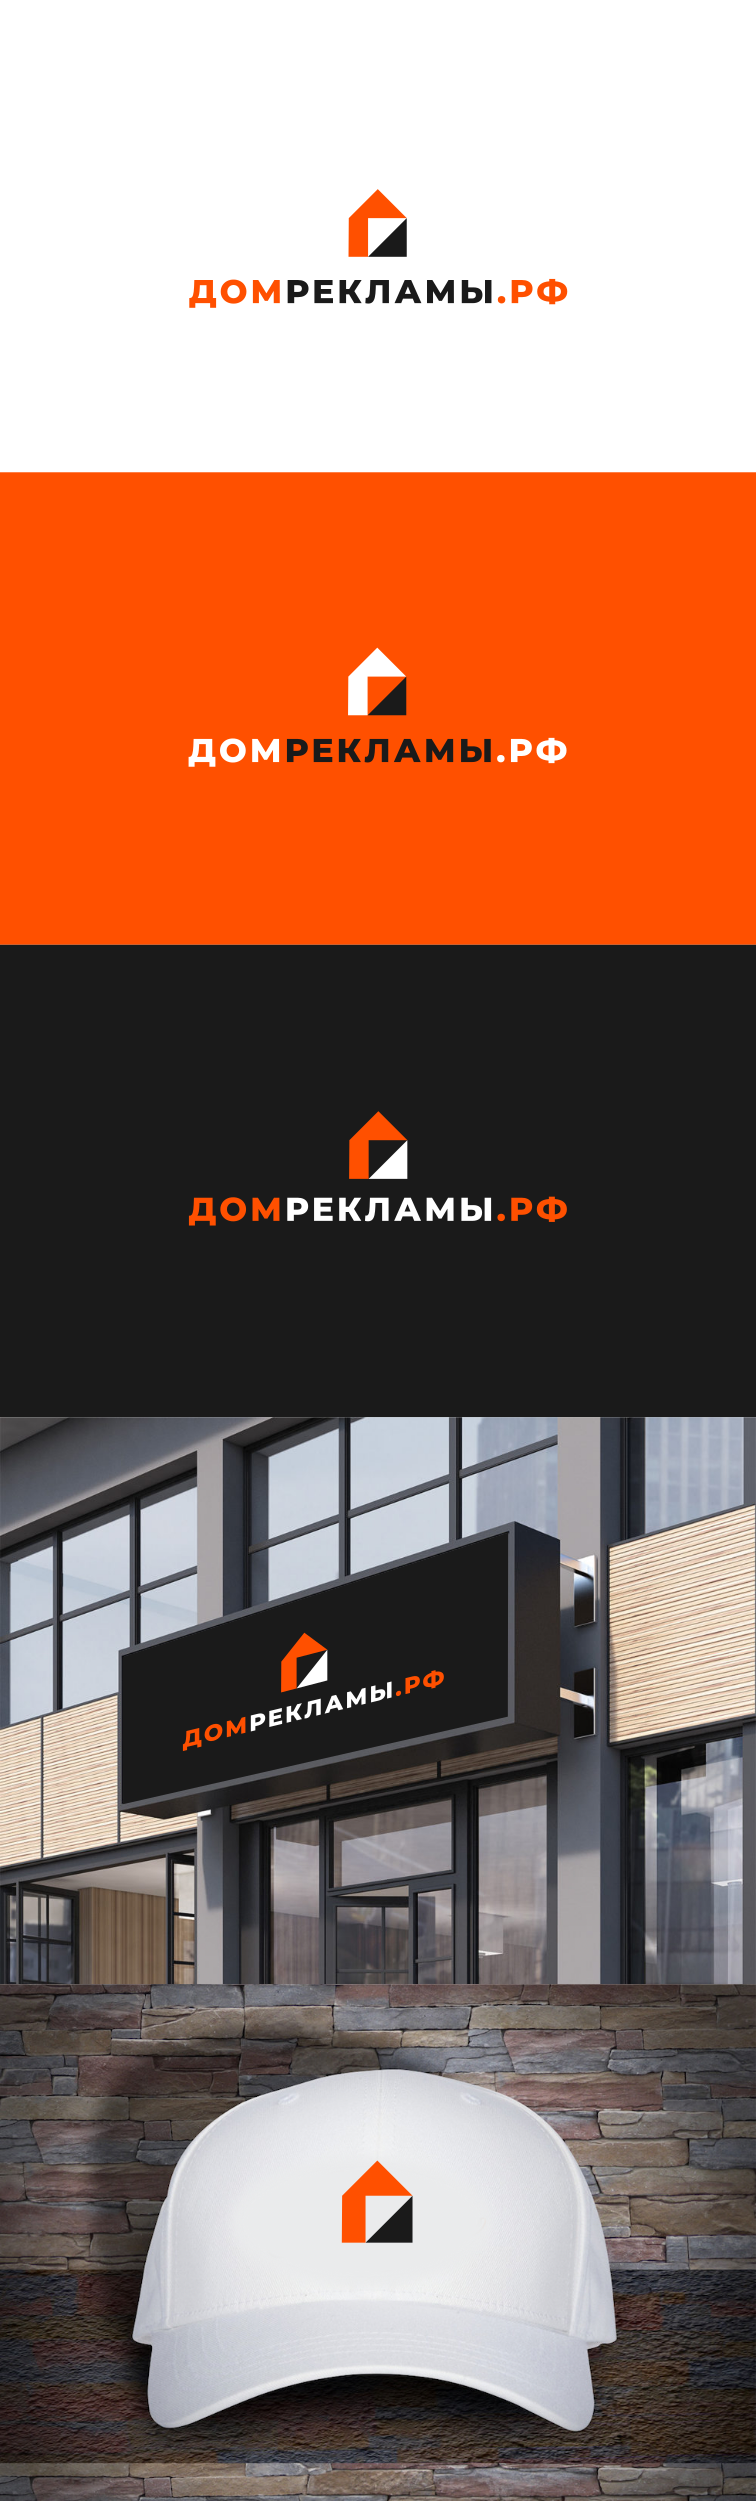 Дизайн логотипа рекламно-производственной компании фото f_1145ede1ad31ee04.png